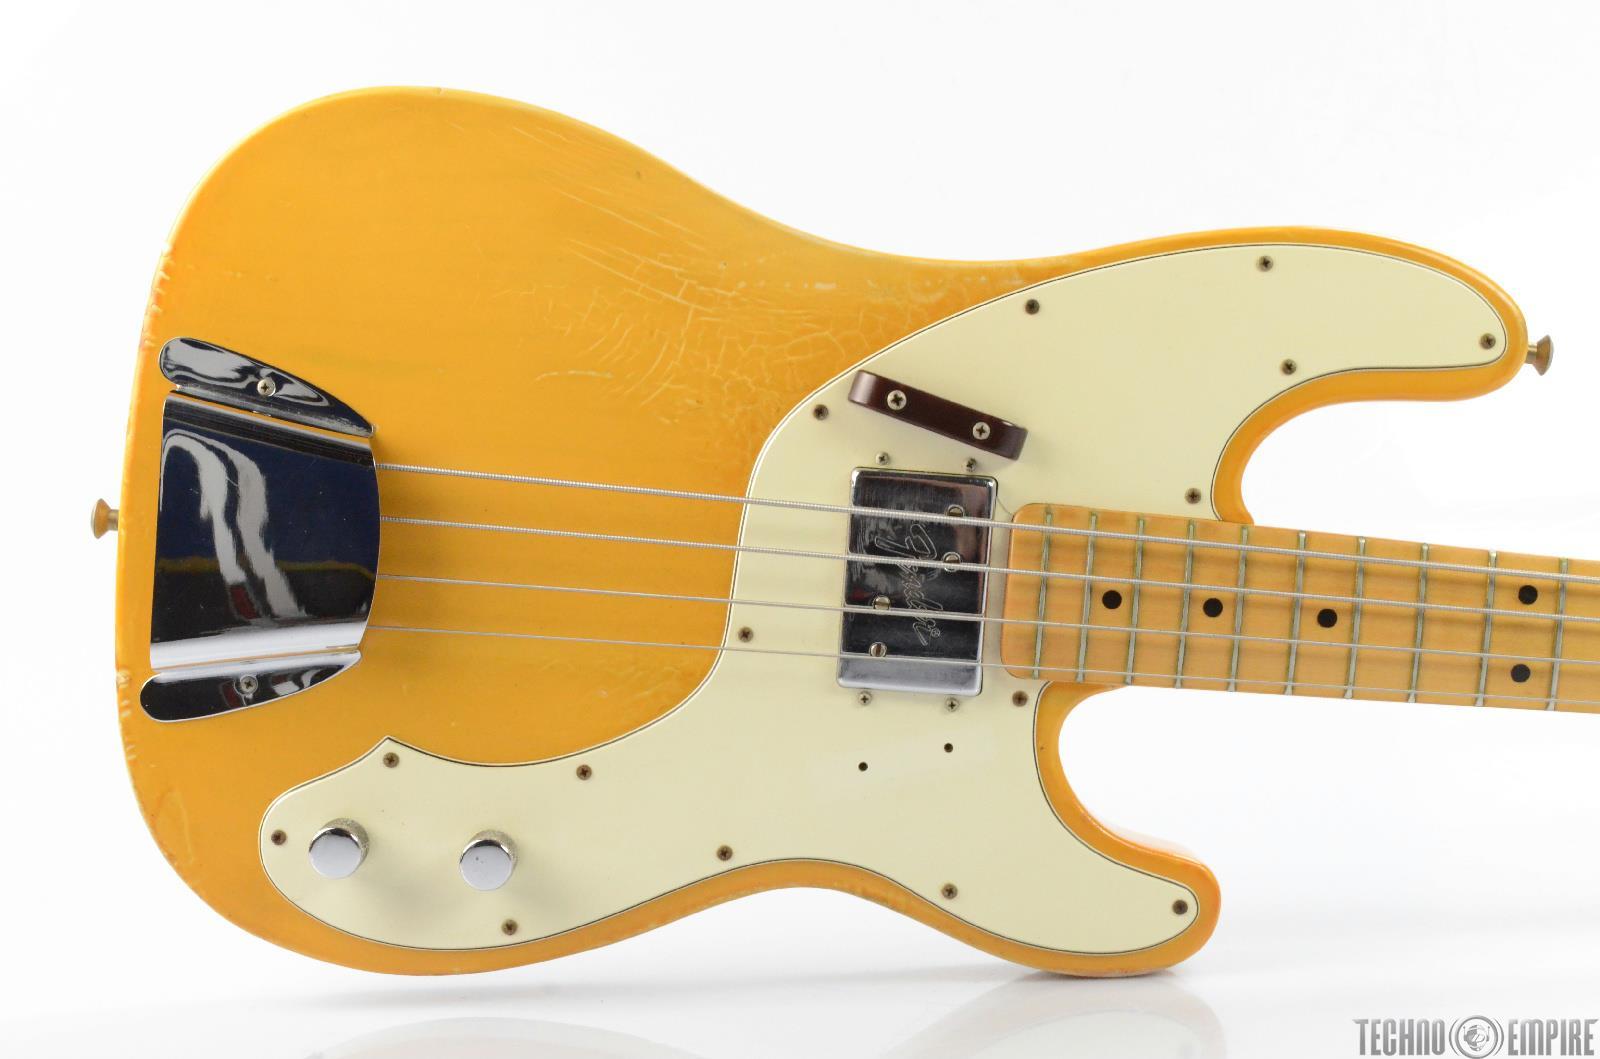 1972 Fender Telecaster Electric Bass Guitar w/ Fender Hardshell Case #25979